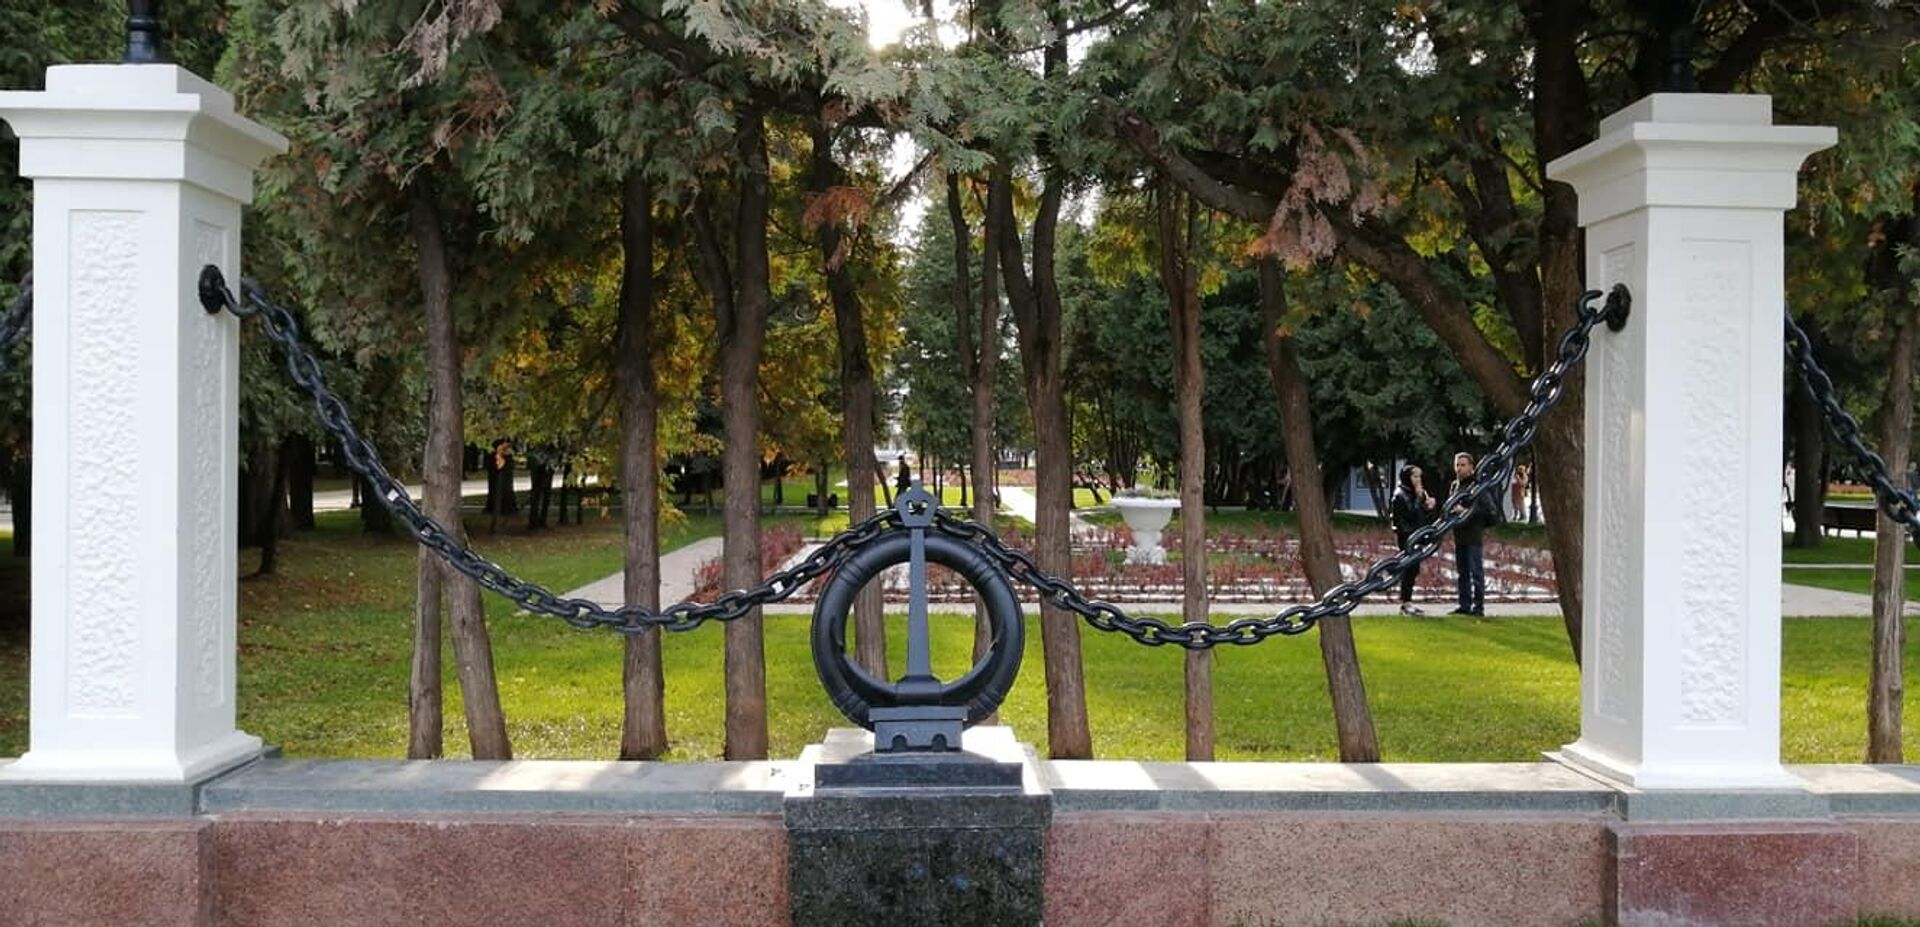 Восстановленная ограда парка Северного речного вокзала в Москве - РИА Новости, 1920, 14.10.2020